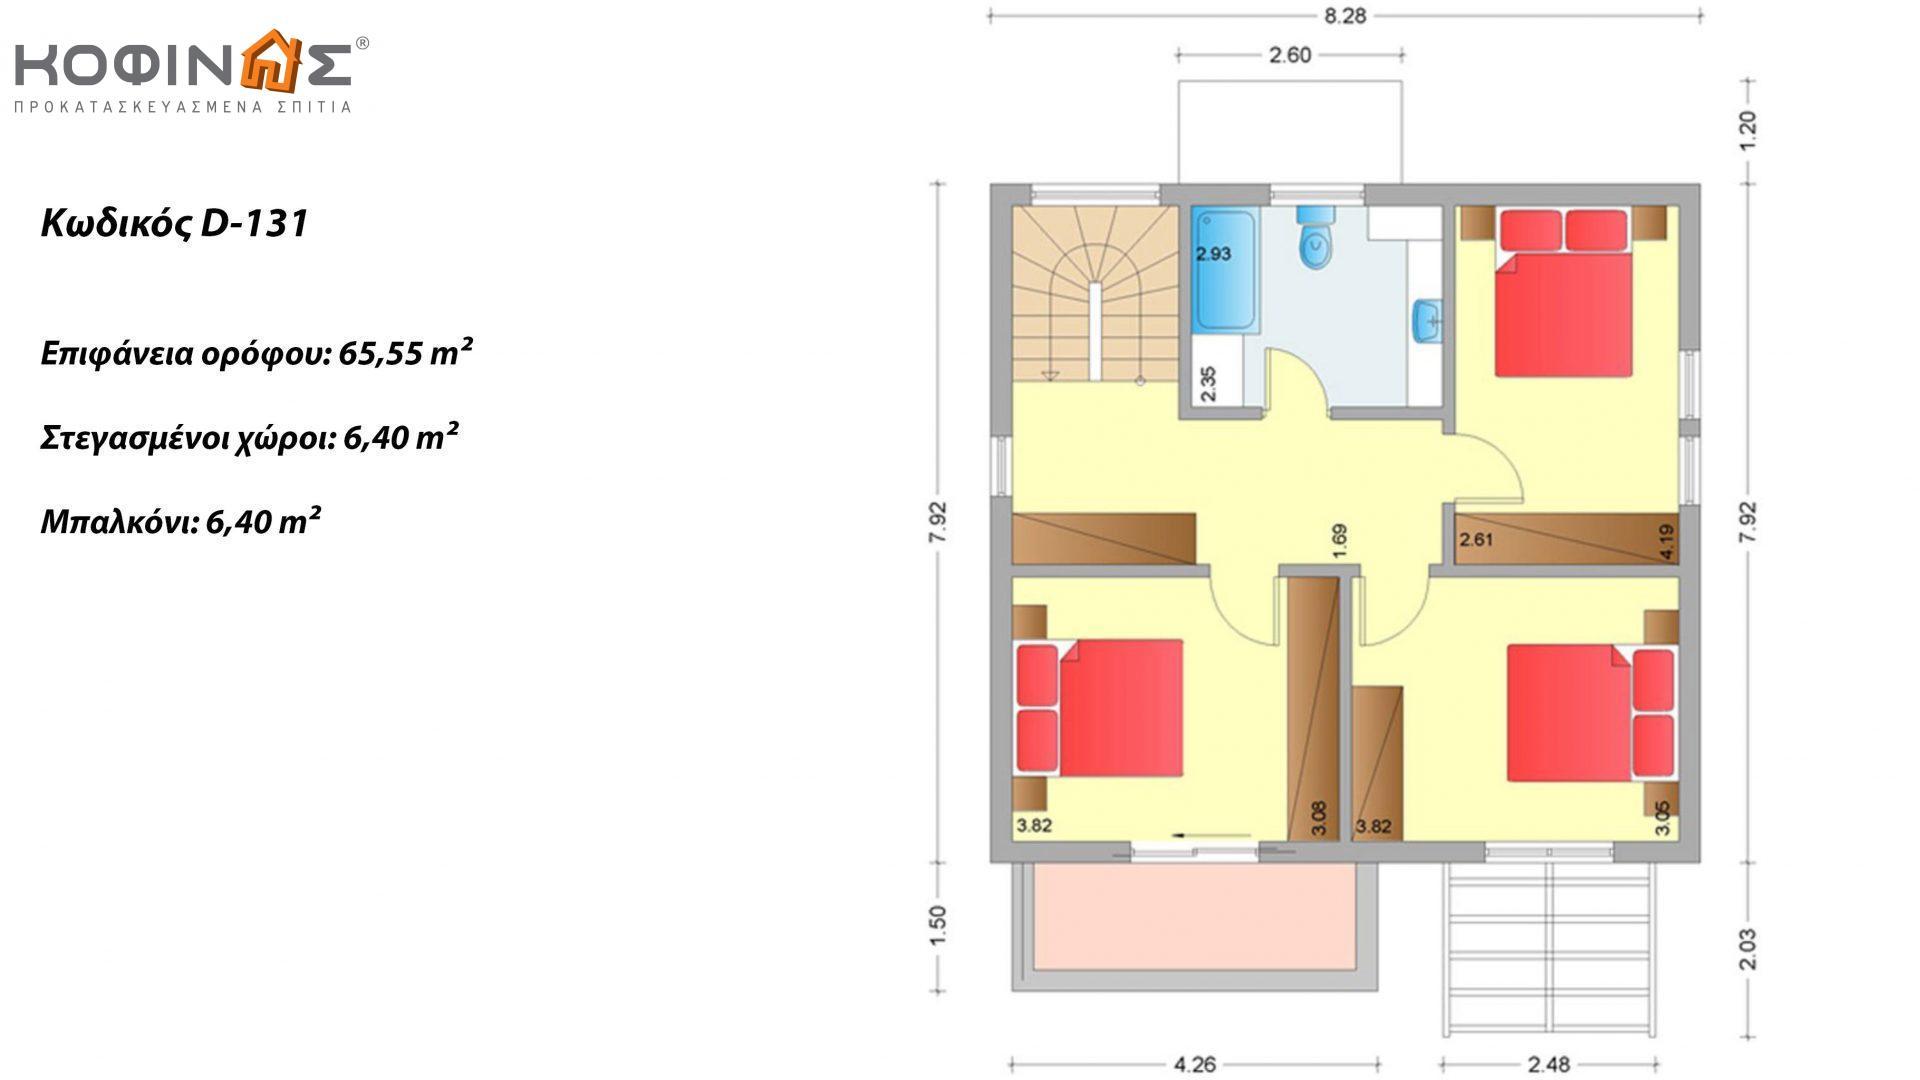 Διώροφη Κατοικία D-131, συνολικής επιφάνειας 131,10 τ.μ., συνολική επιφάνεια στεγασμένων χώρων 20.94 τ.μ., μπαλκόνια 6.40 τ.μ.